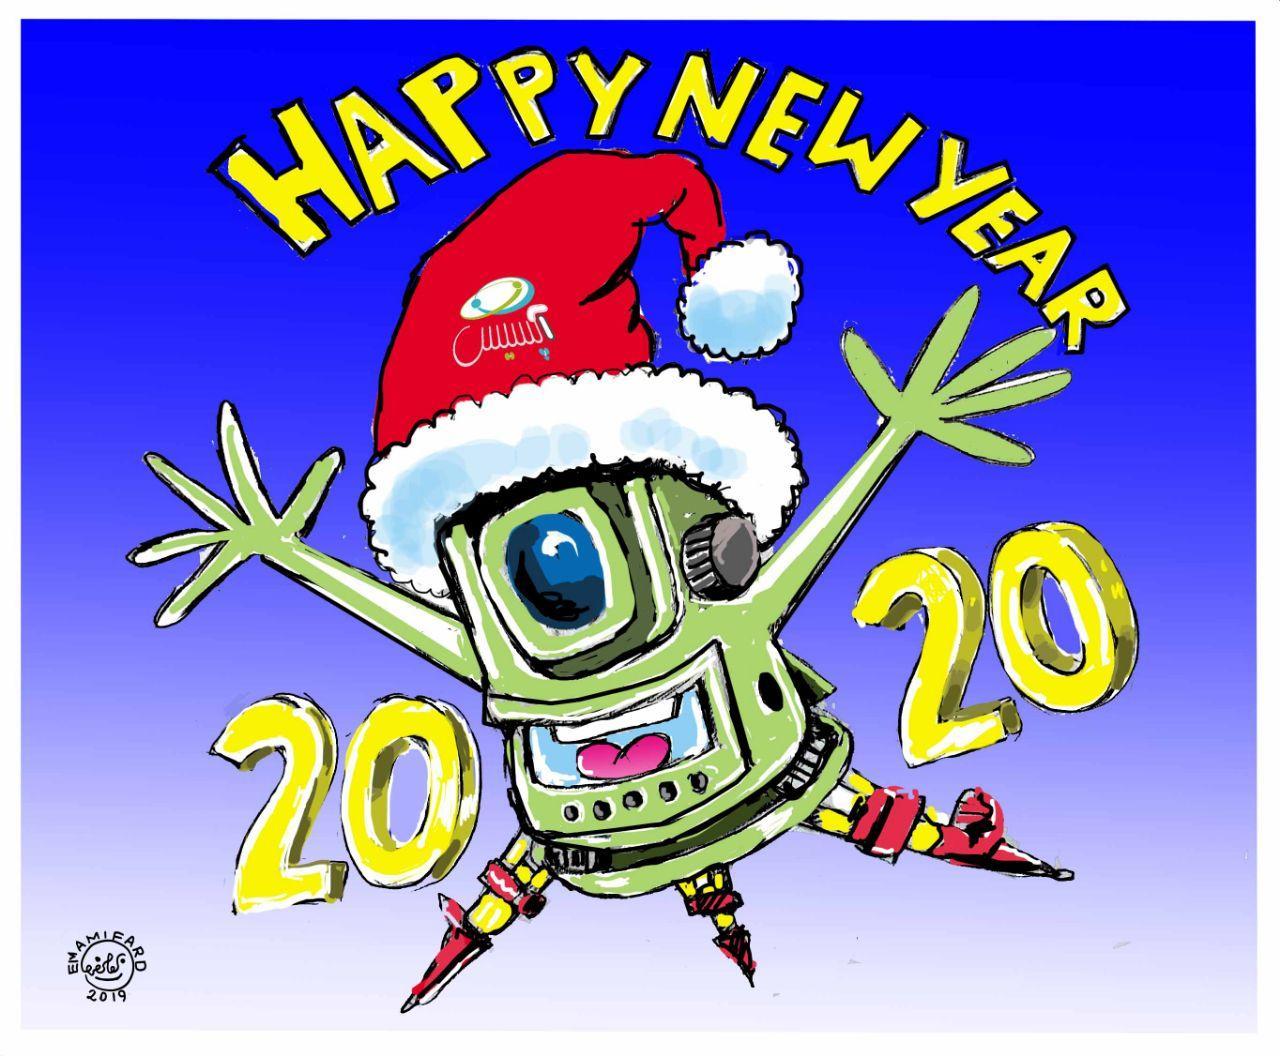 کاریکاتور تبریک سال نو میلادی ویژه نقشه برداران